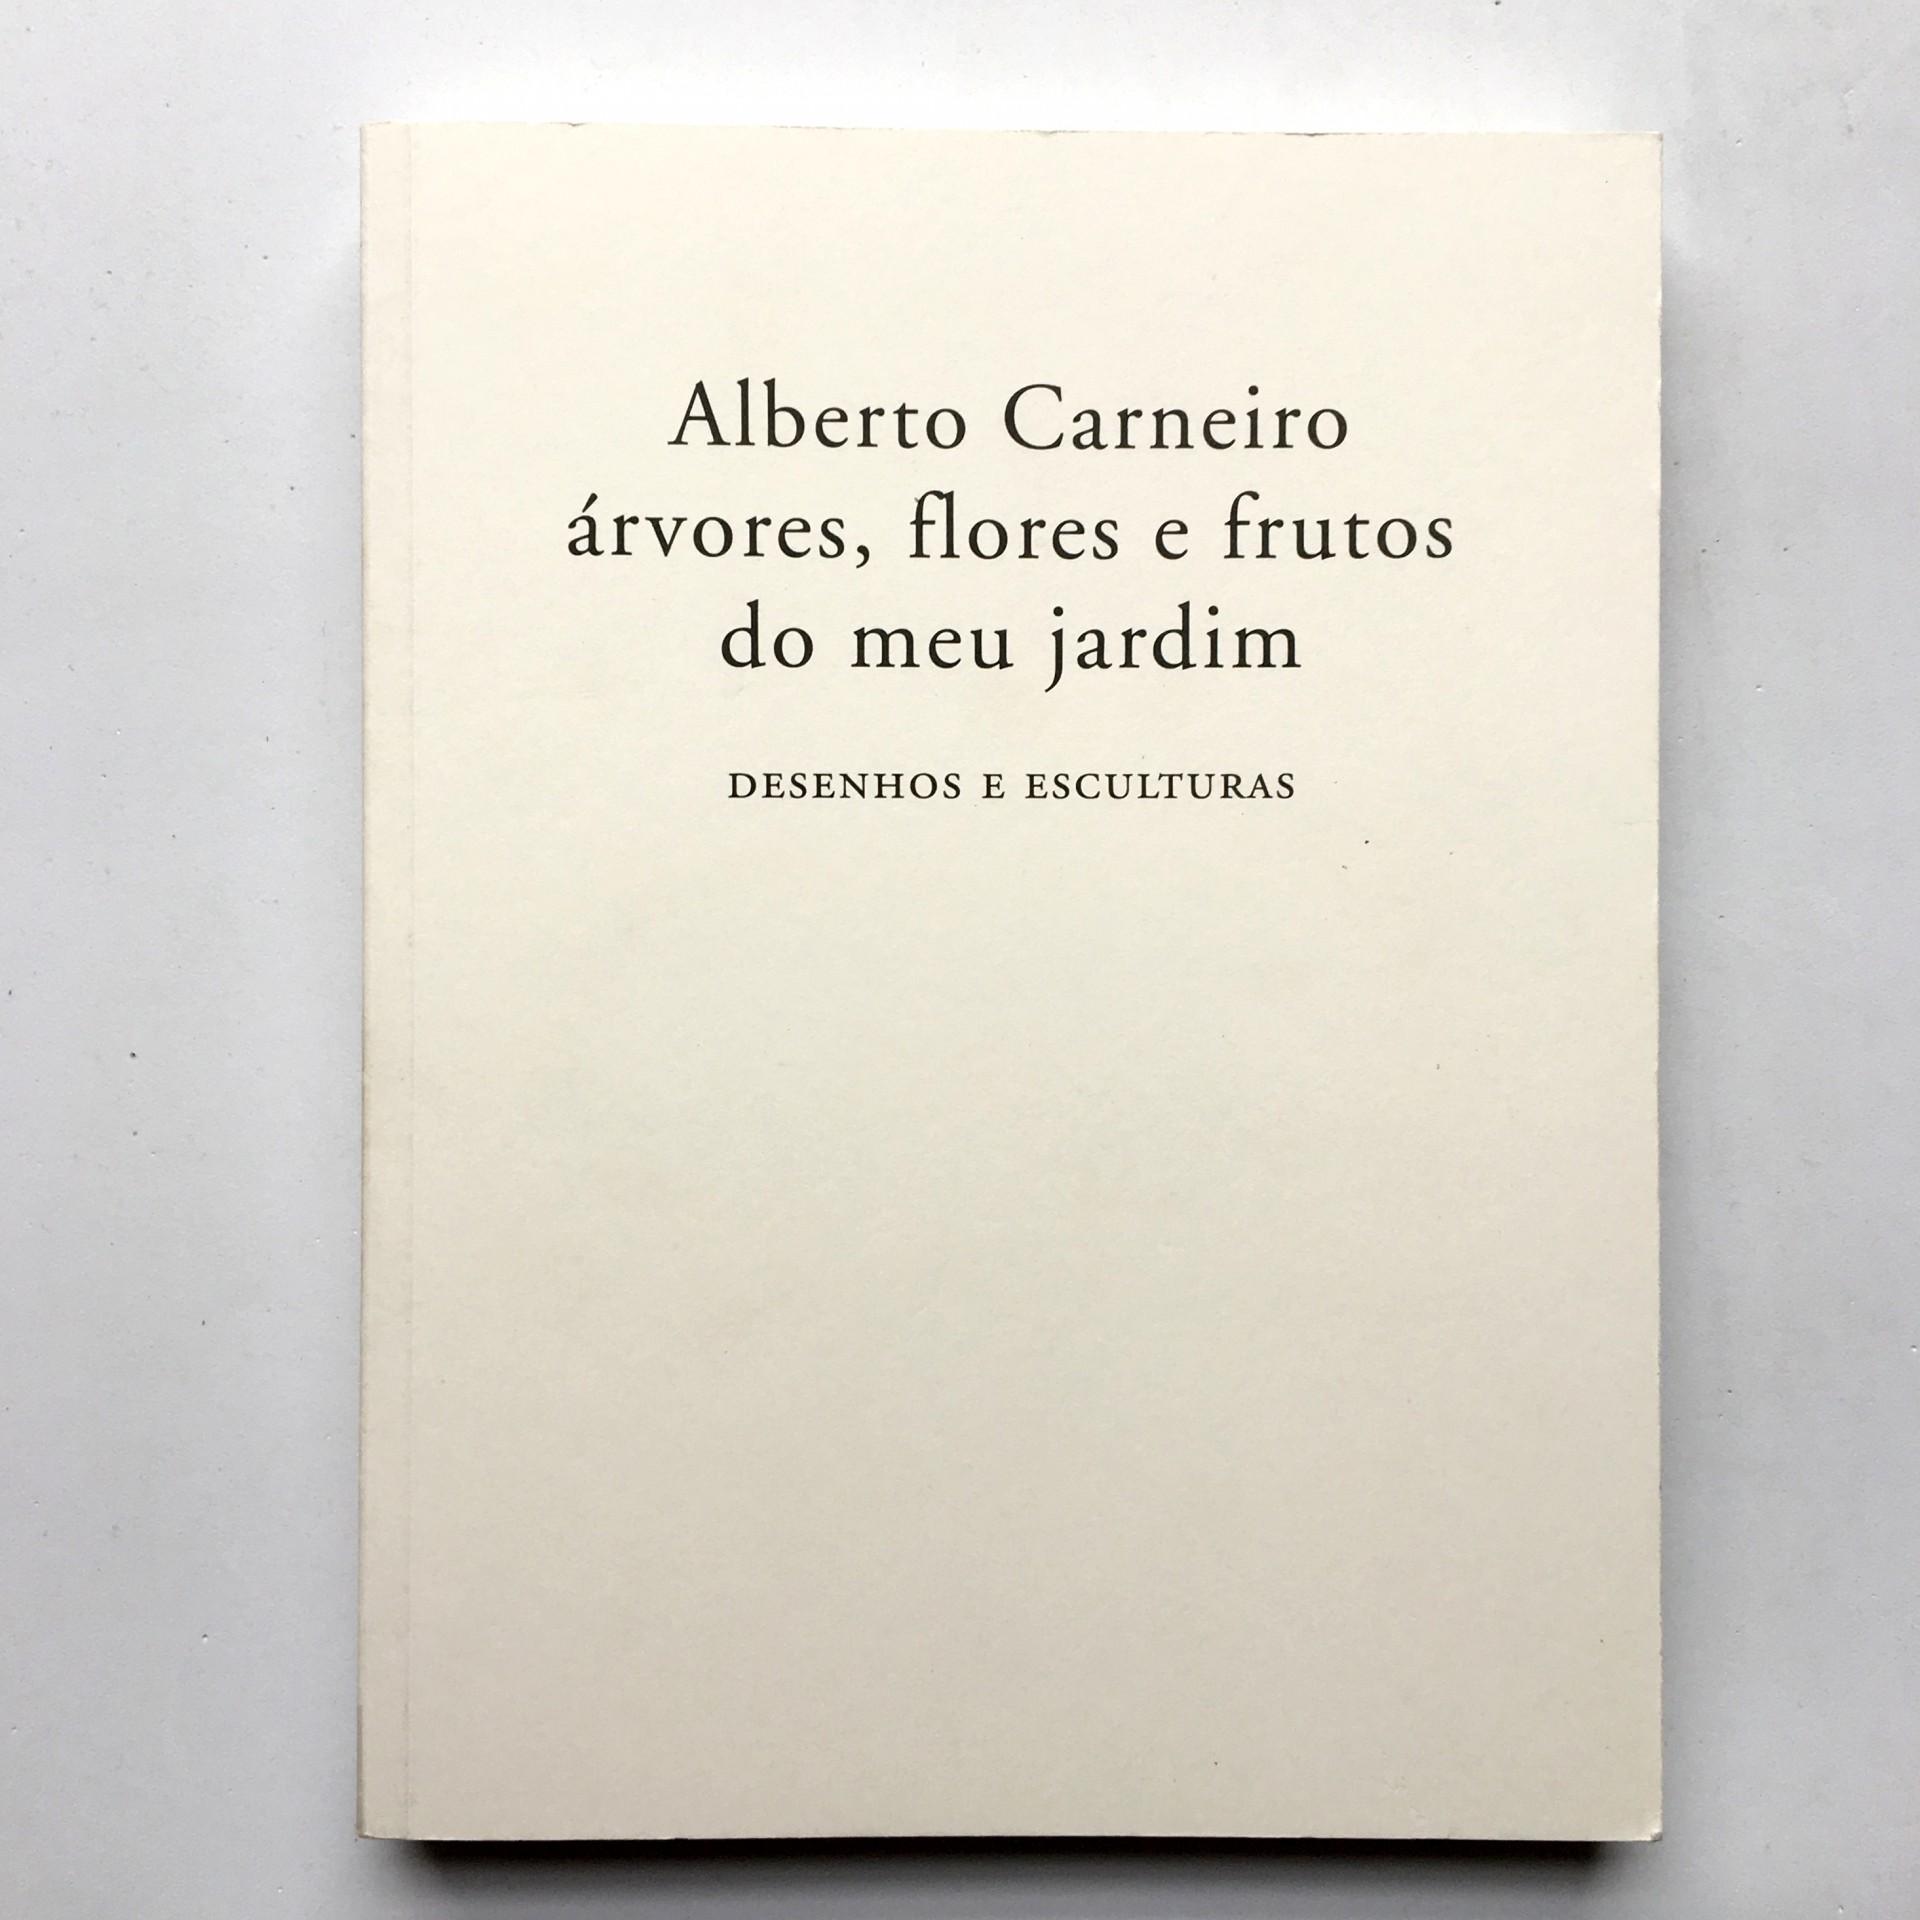 Alberto Carneiro: árvores, flores e frutos do meu jardim